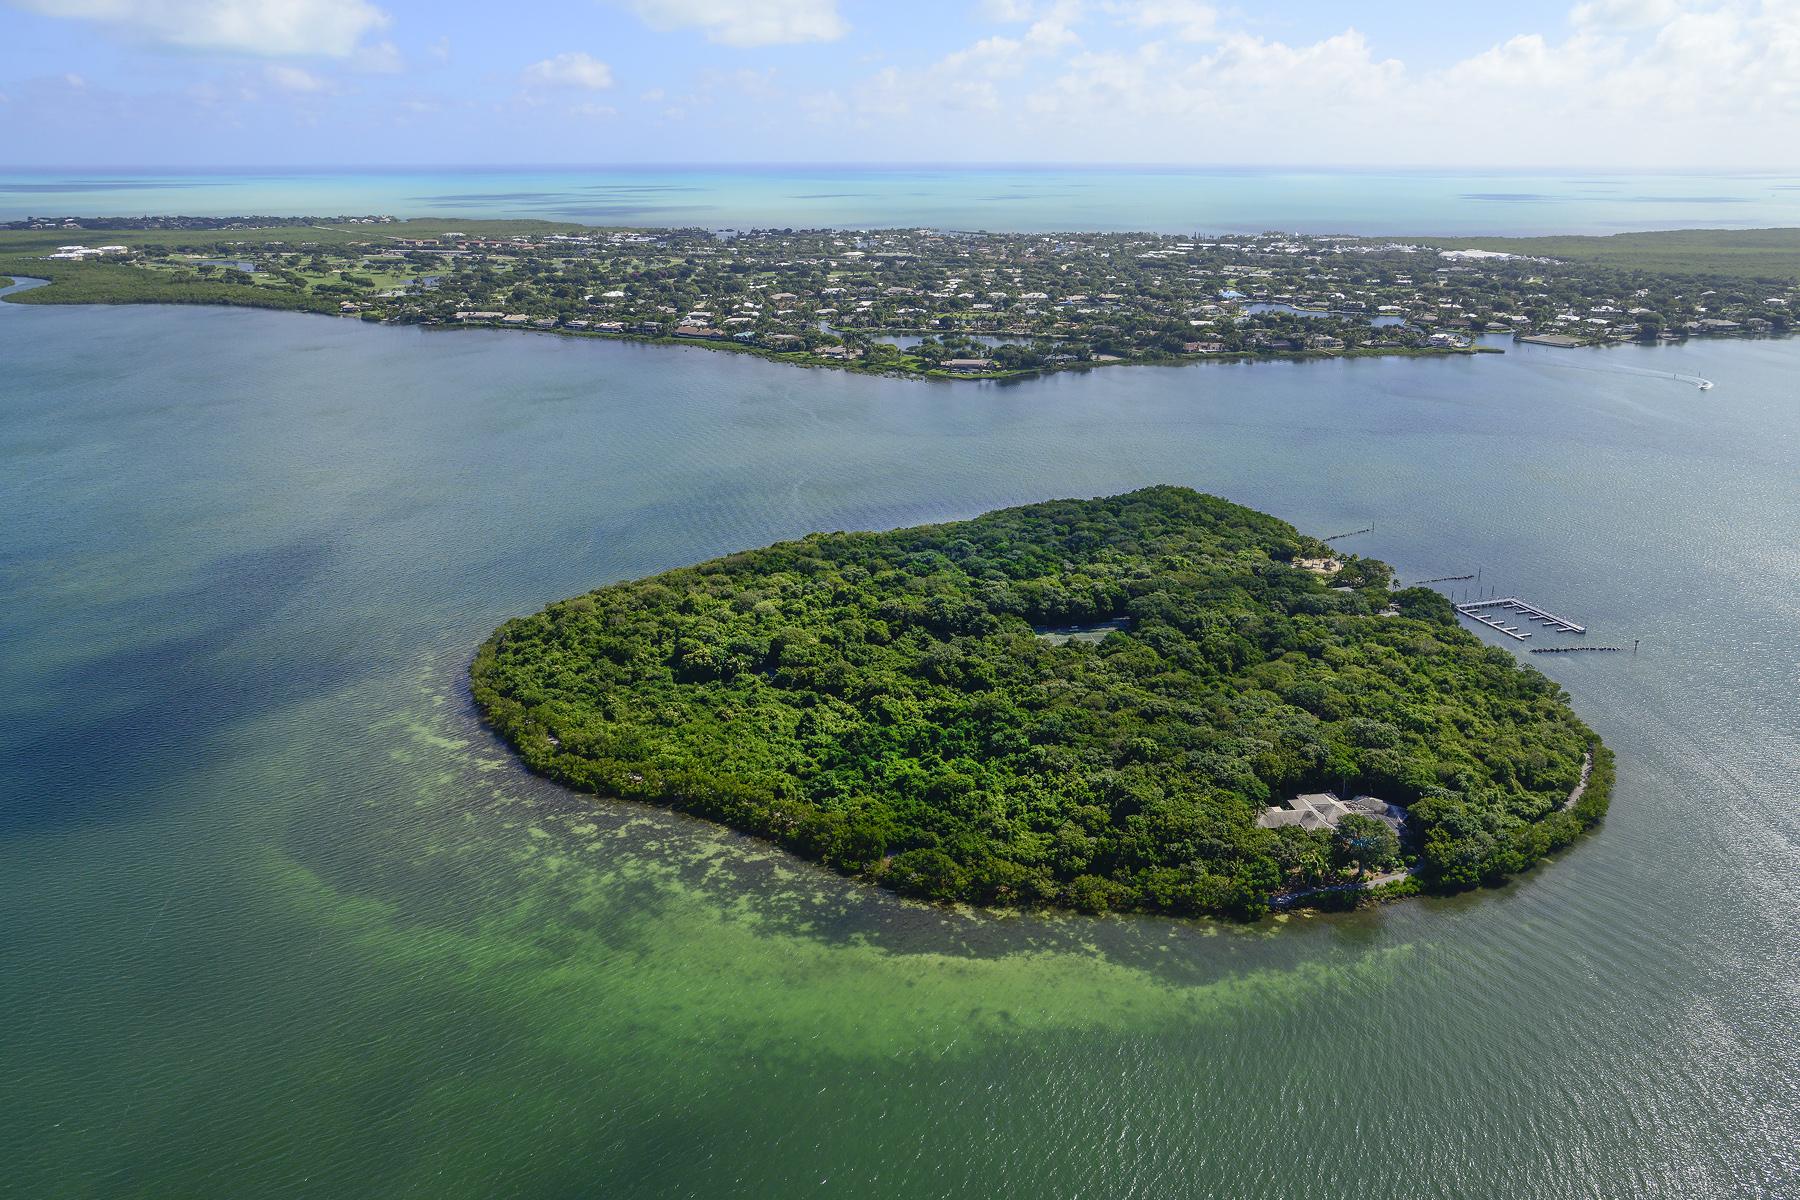 Additional photo for property listing at 10 Cannon Point, Key Largo, FL  Key Largo, Florida 33037 United States